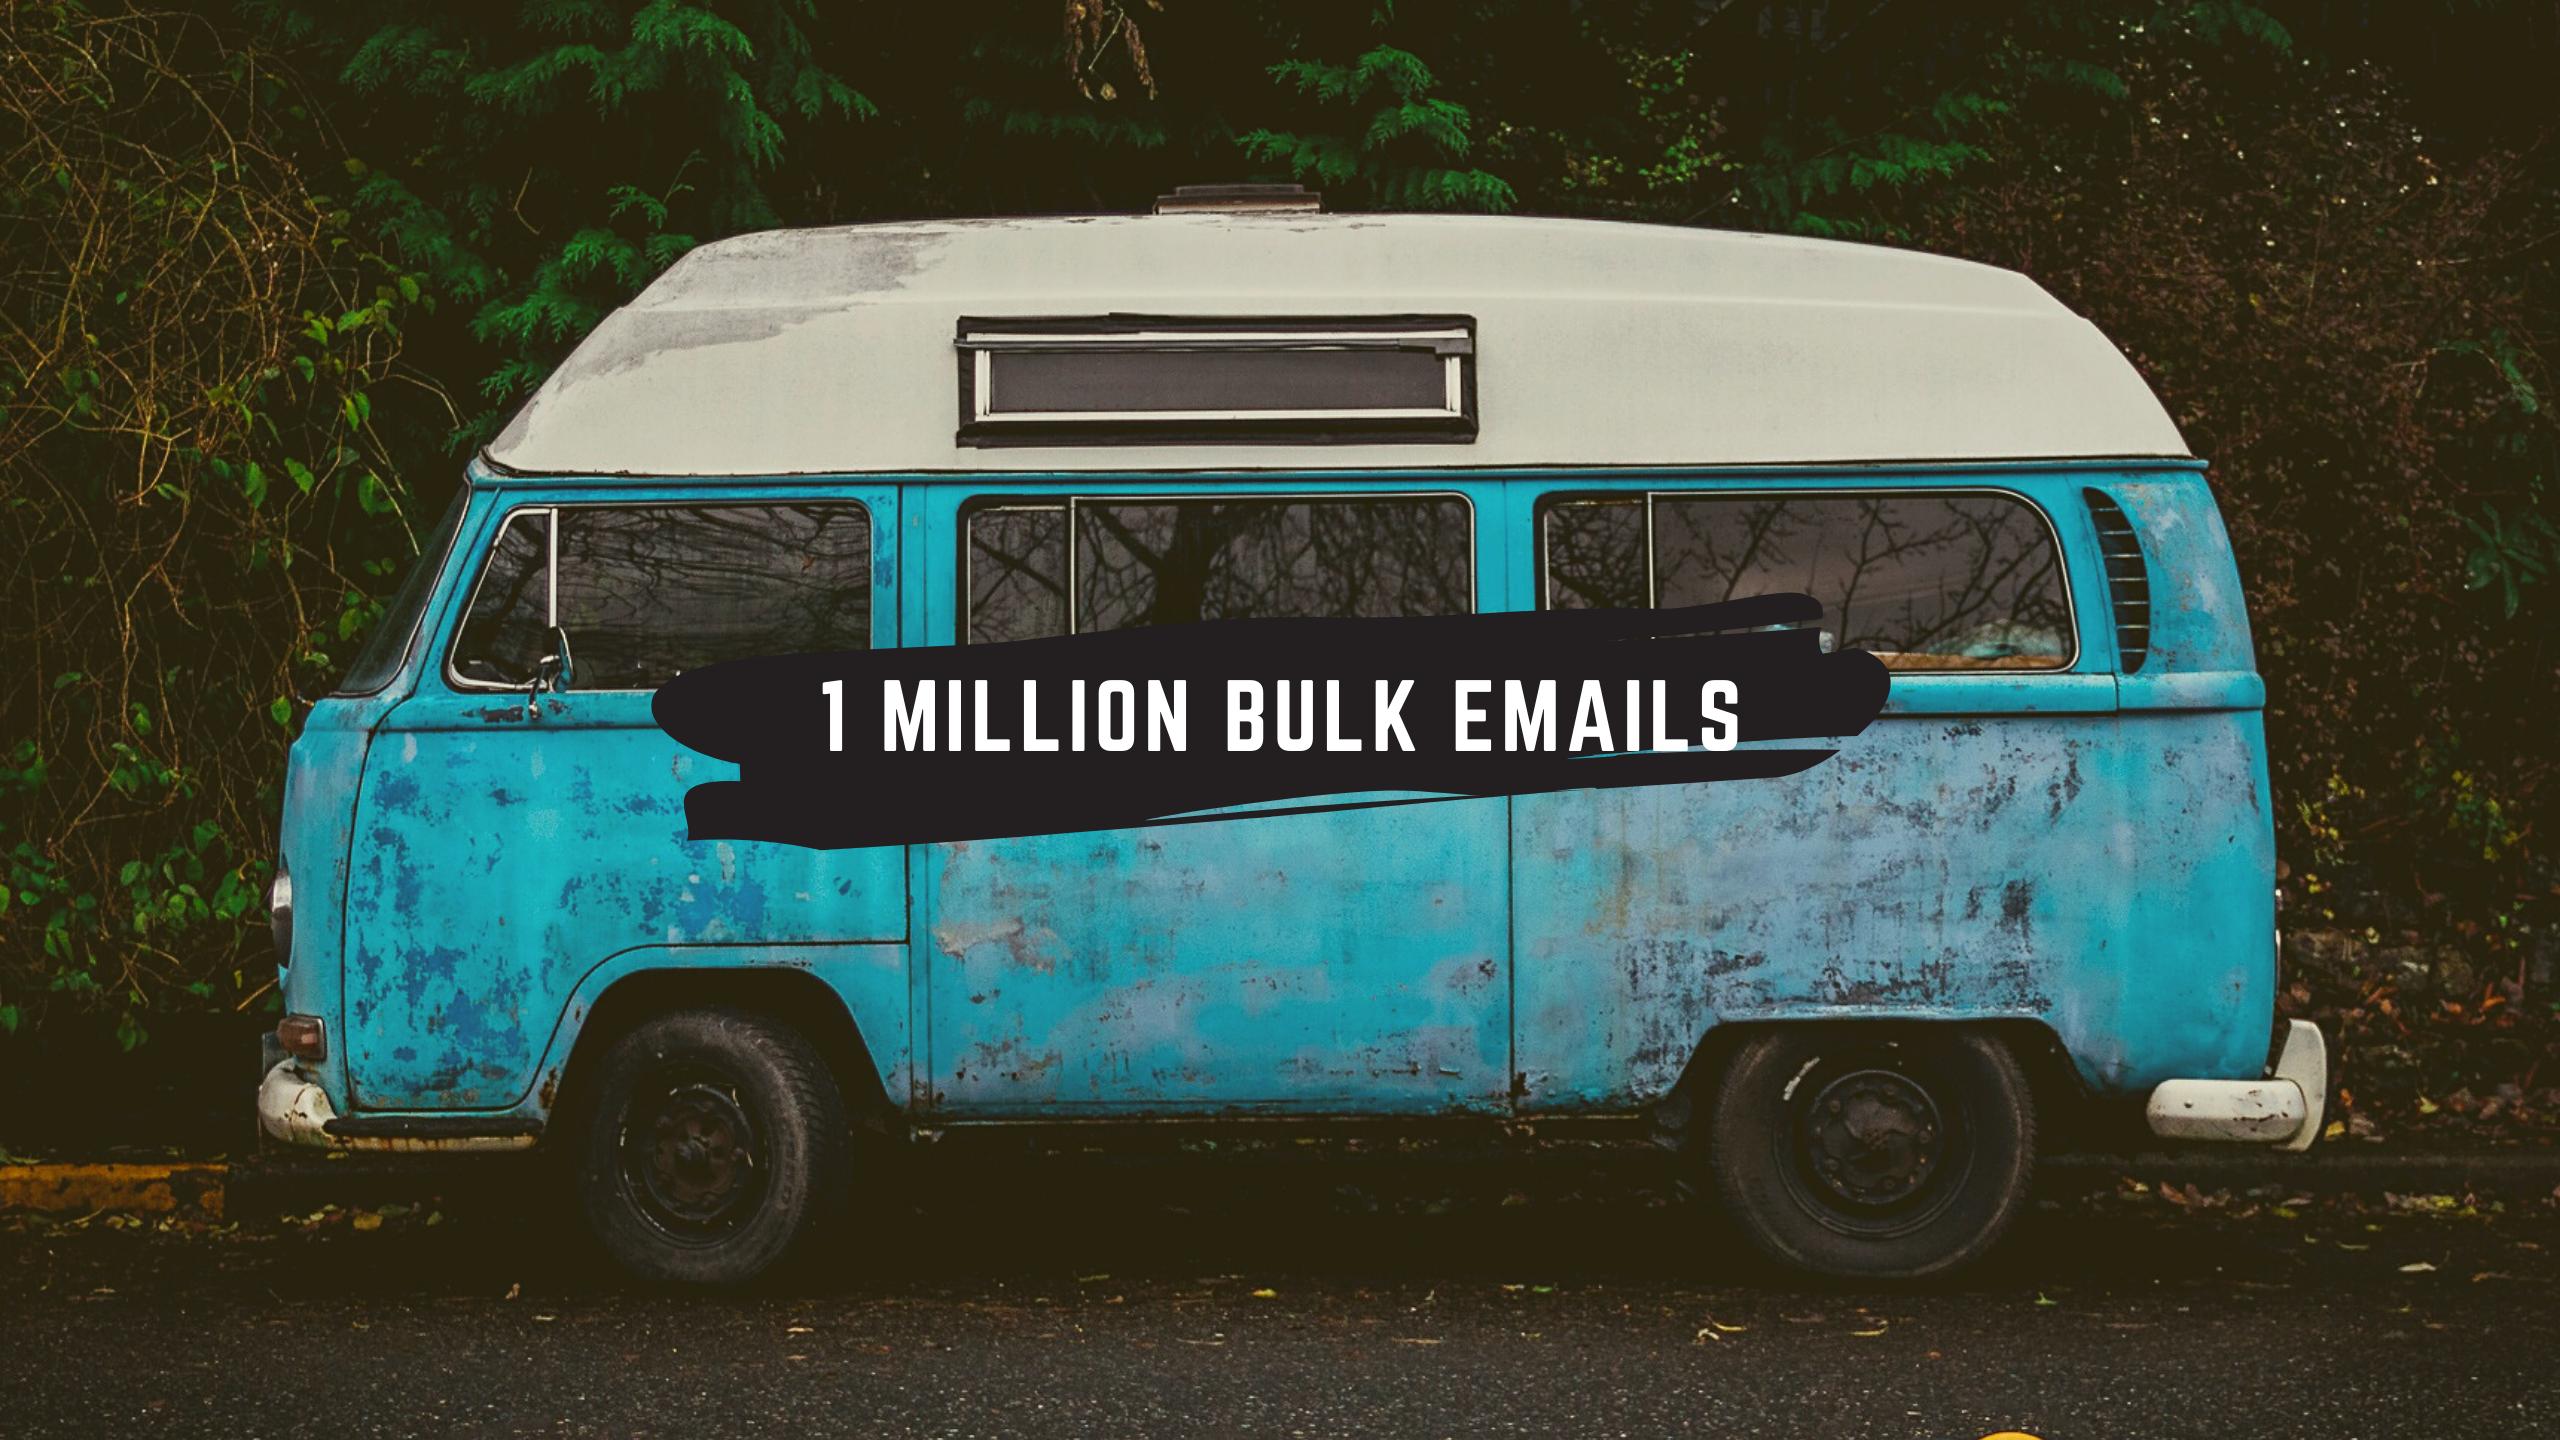 i will provide 1 million bulk emails